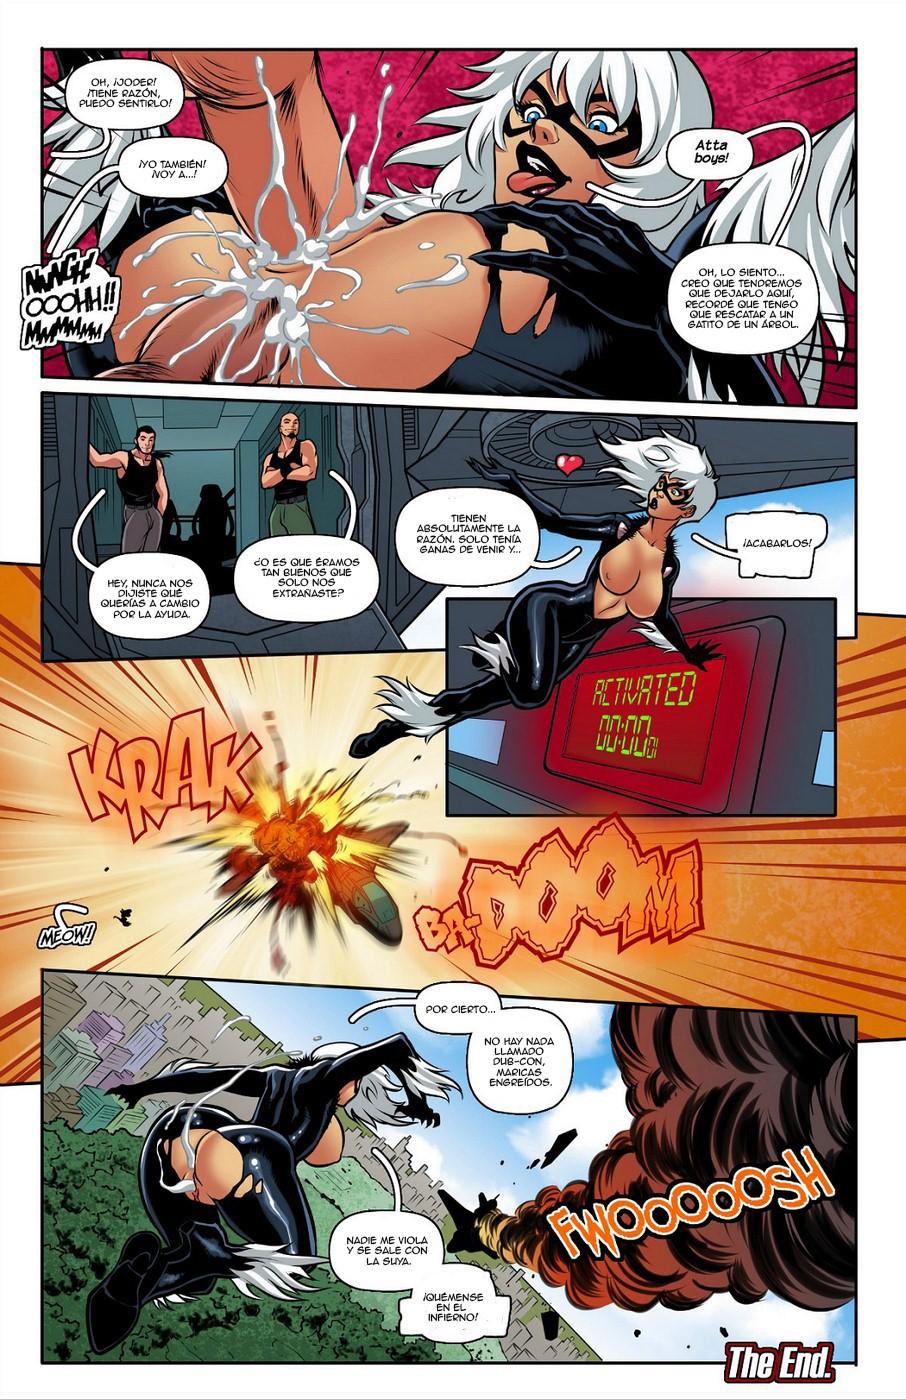 Zdarma on-line lesbický sex comics.